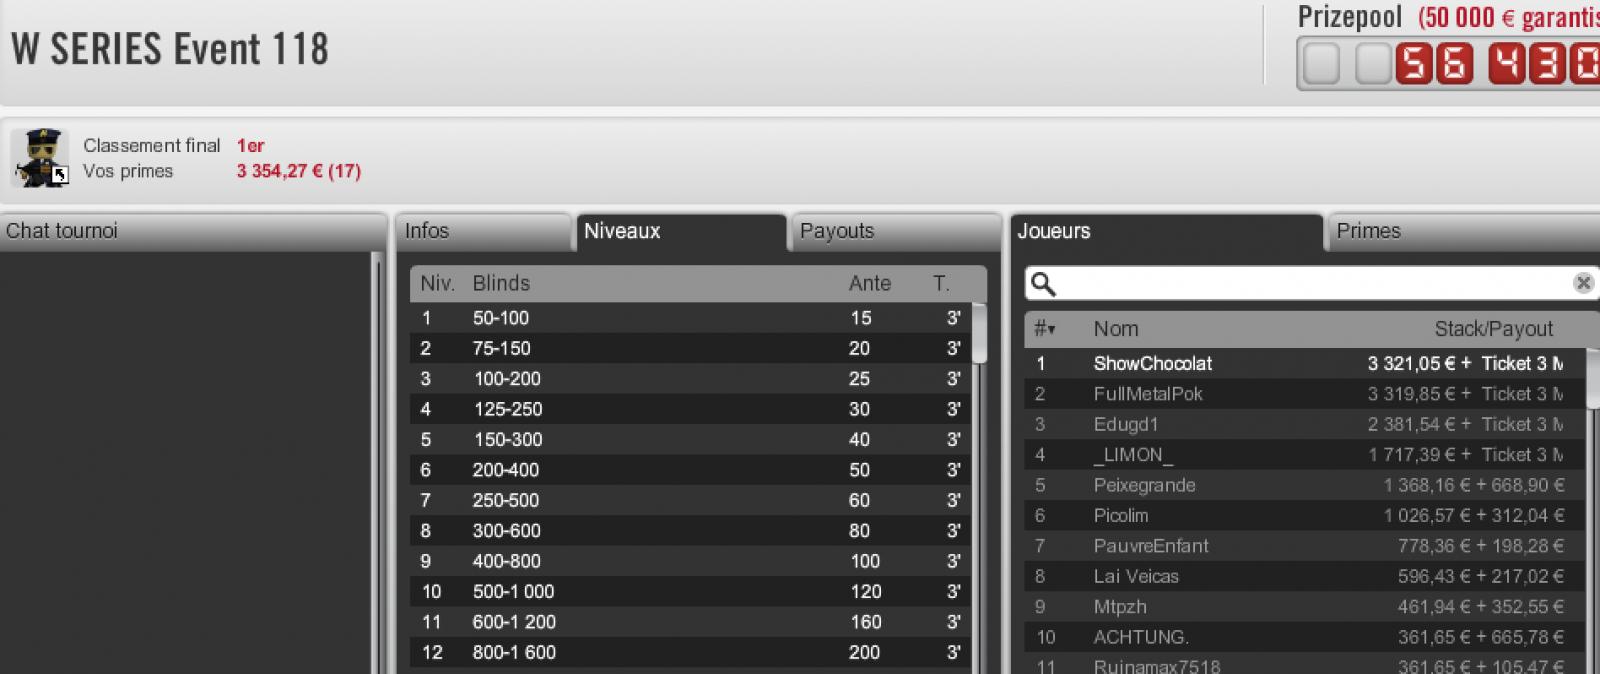 Capture d'écran 2020-01-13 à 01.34.27.png